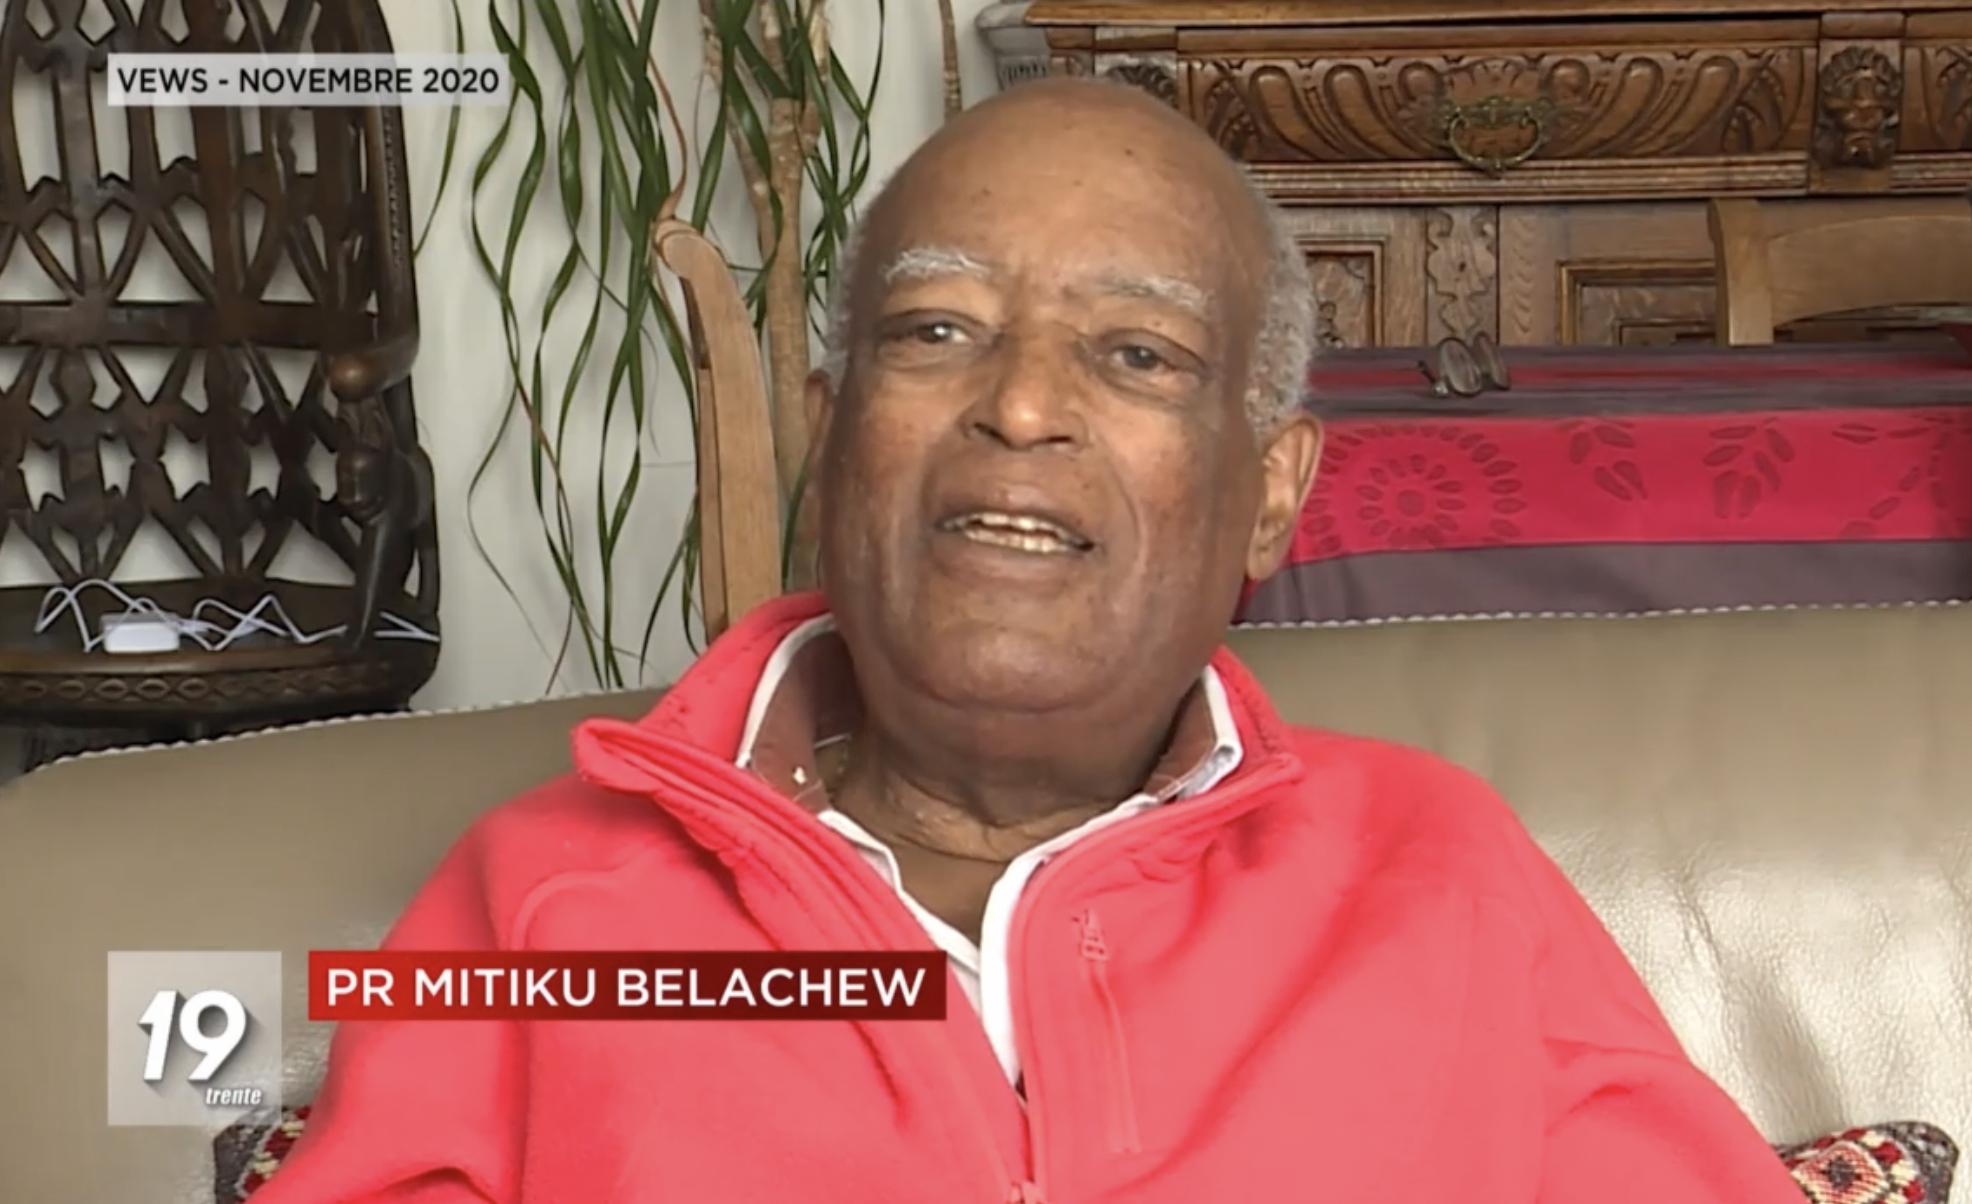 Reconnu dans le monde entier pour avoir réalisé en 1993 la première opération au monde de placement d'un anneau gastrique pour le traitement de l'obésité, ce docteur d'origine éthiopienne a effectué l'essentiel de sa carrière en Belgique.